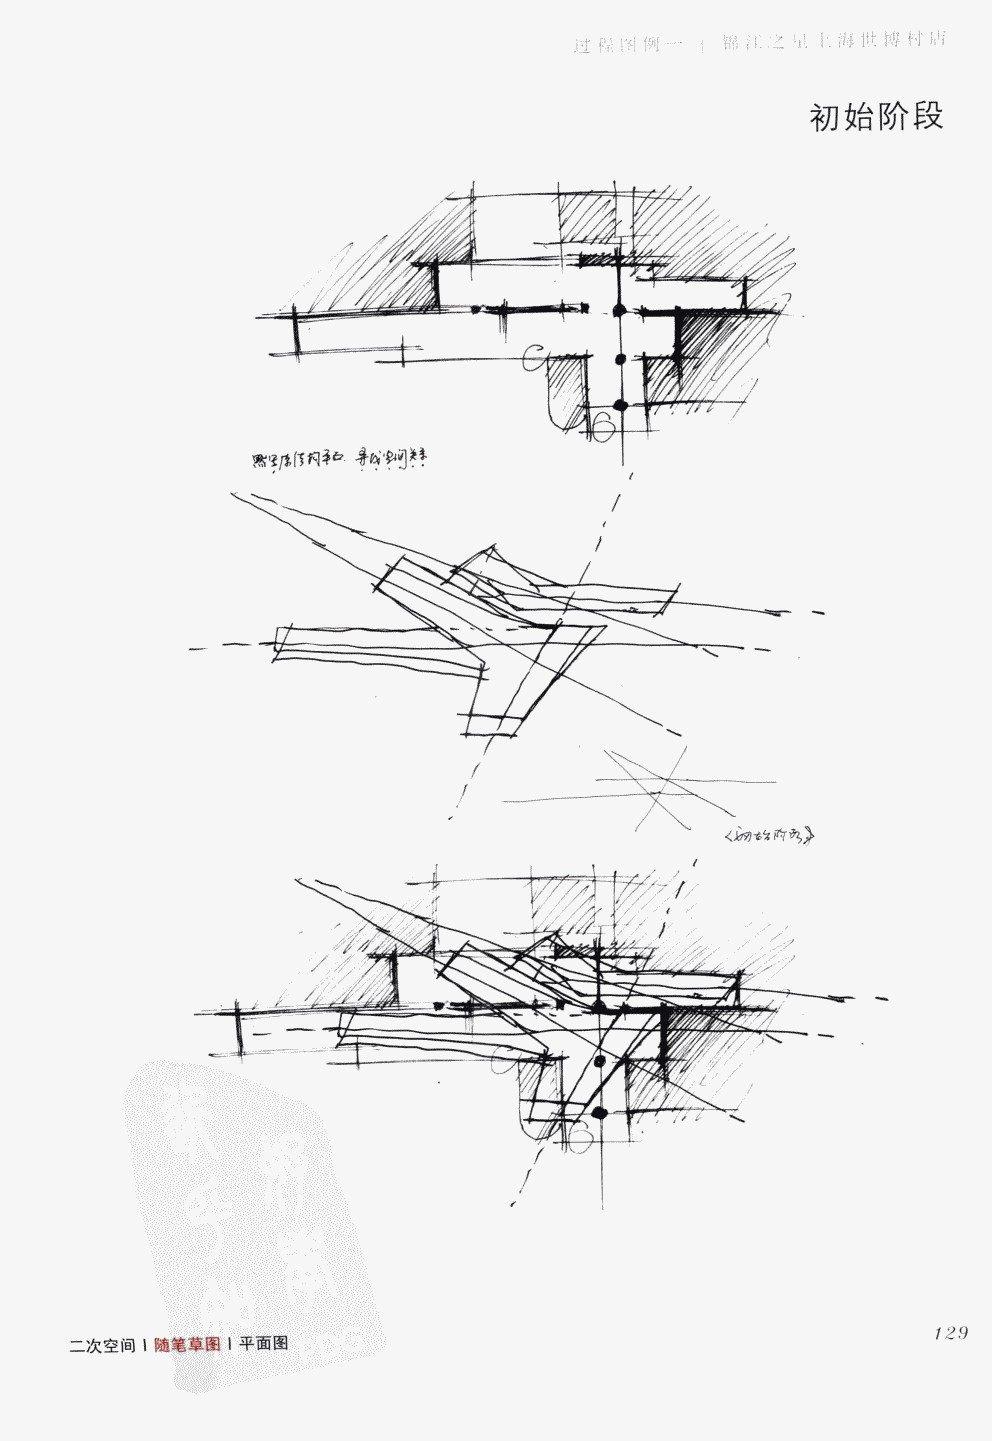 室内设计纲要++概念思考与过程表达_室内设计纲要  概念思考与过程表达_1297982..._页面_137.jpg